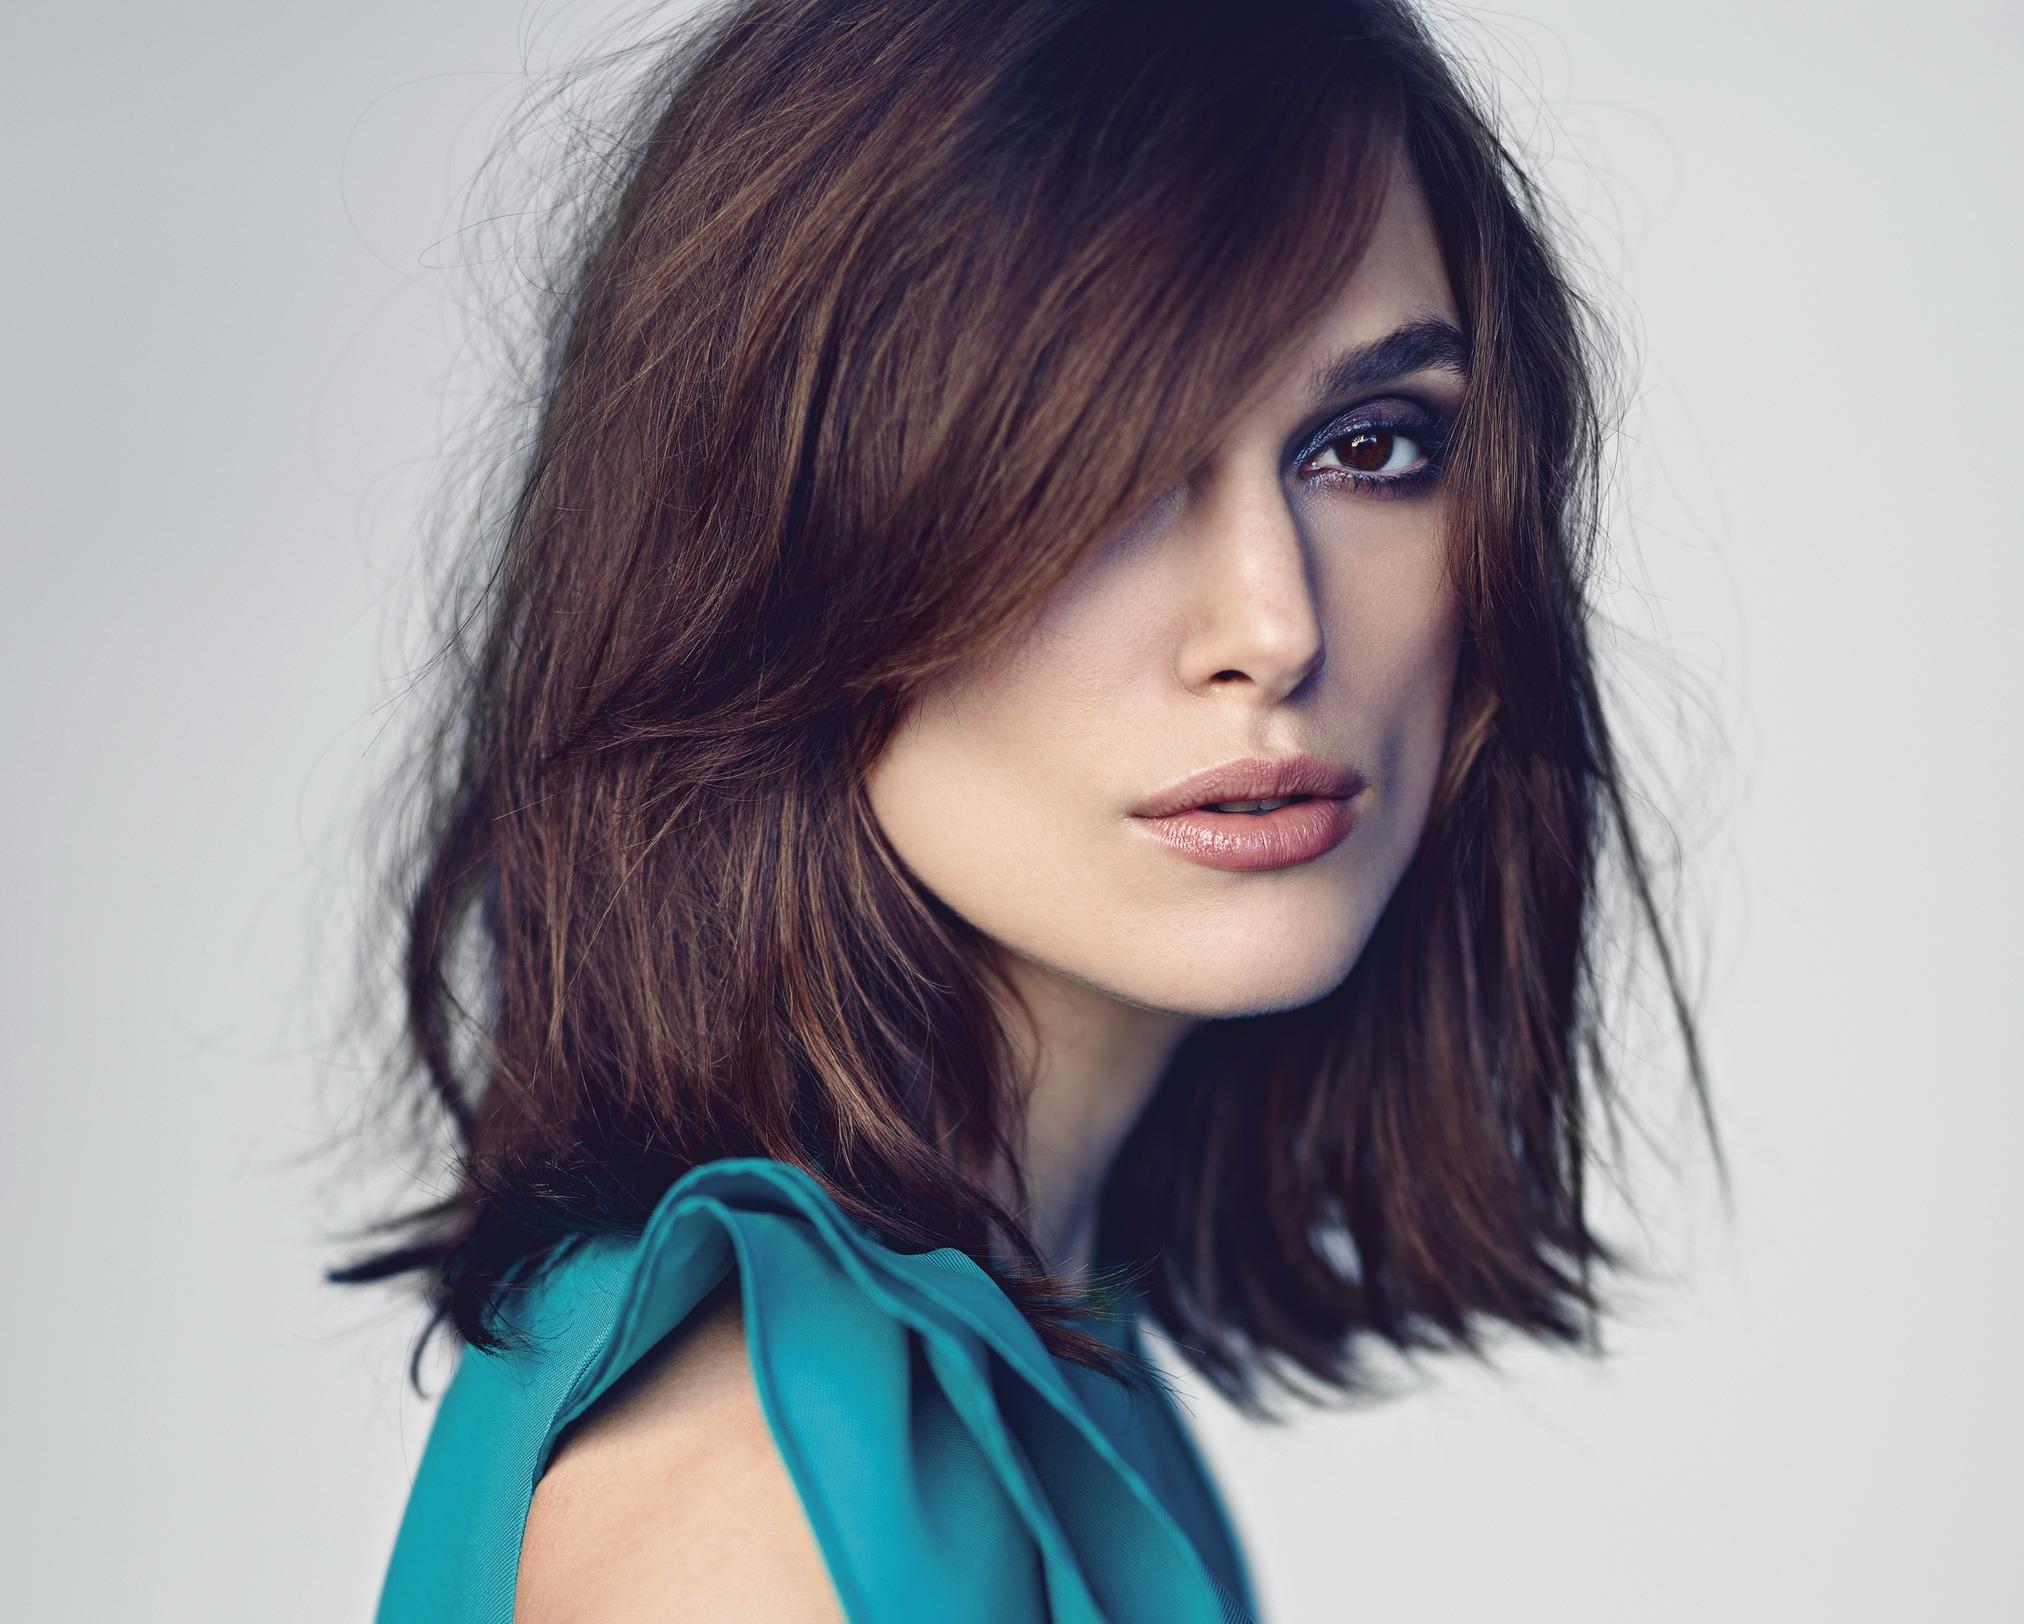 Hintergrundbilder Gesicht Modell Portrat Augen Lange Haare